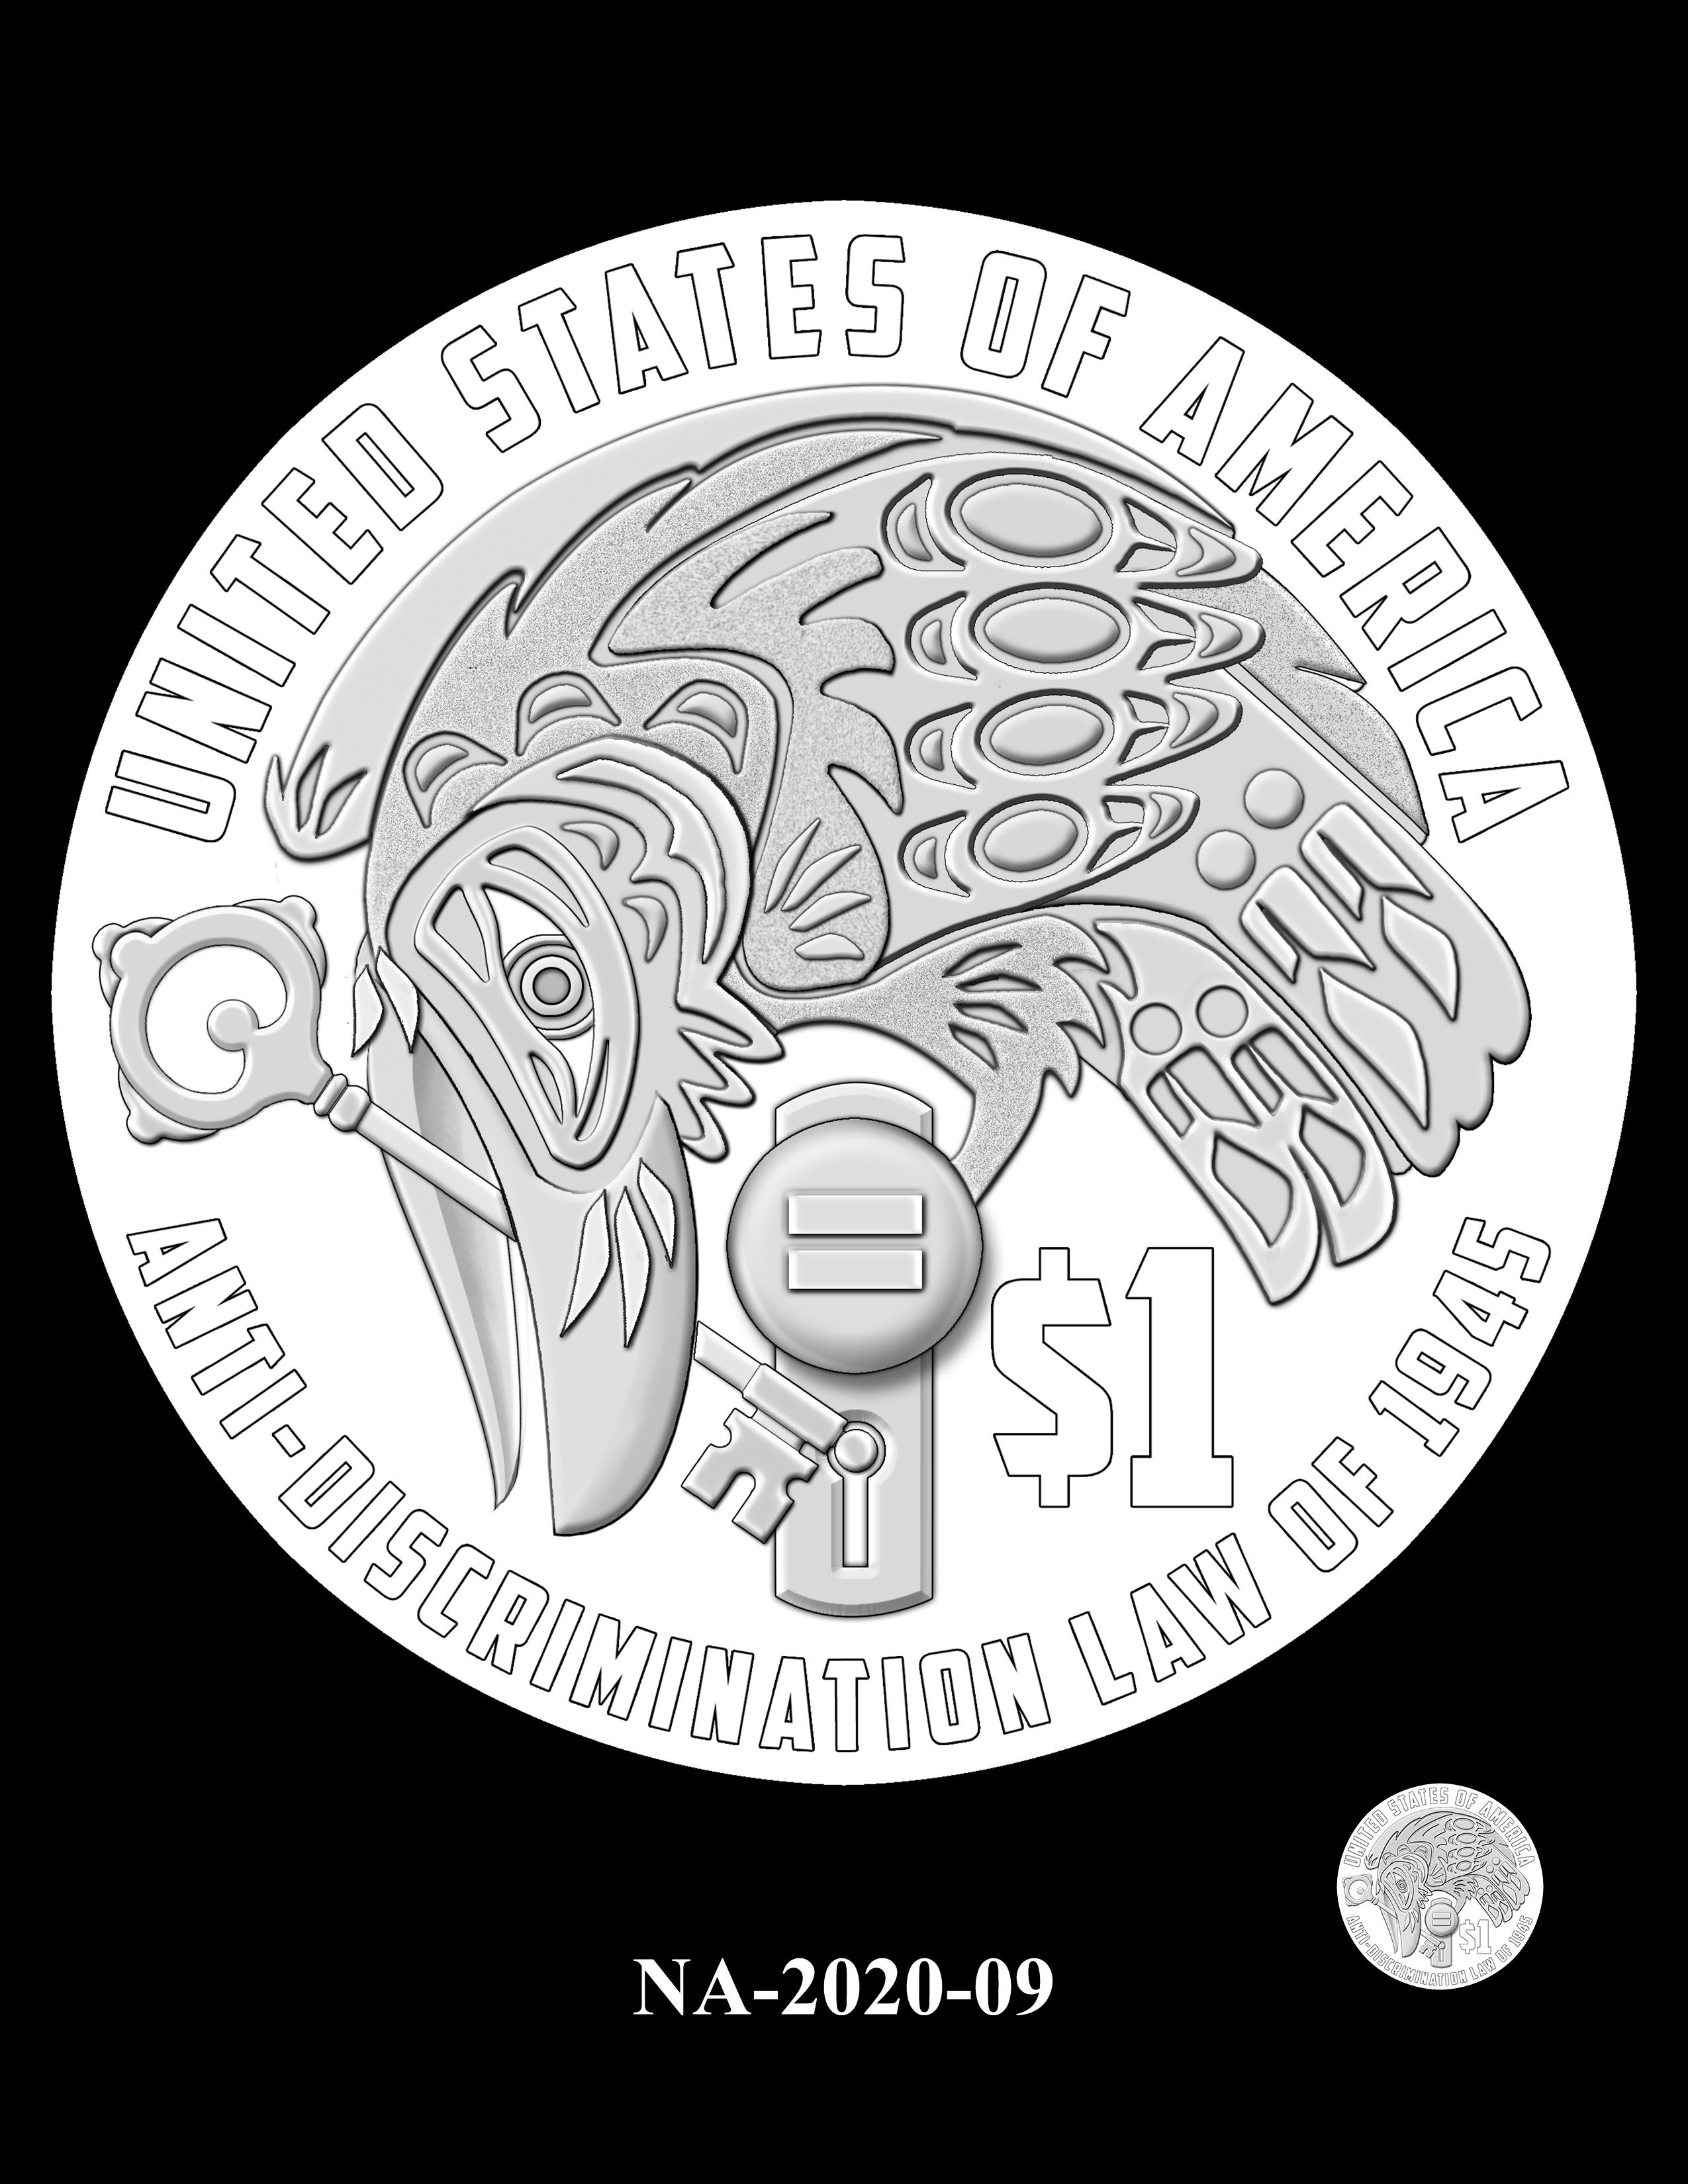 NA-2020-09 --2020 Native American $1 Coin